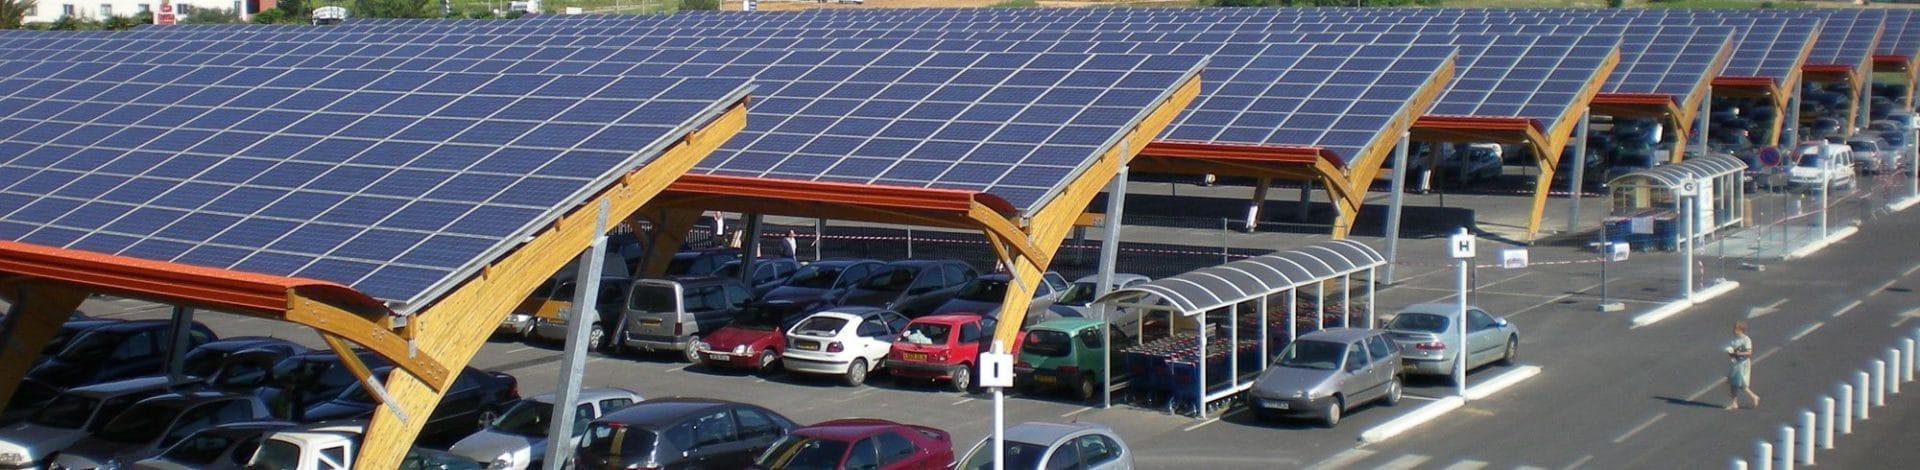 Centrales photovoltaïques sur des ombrières de parking